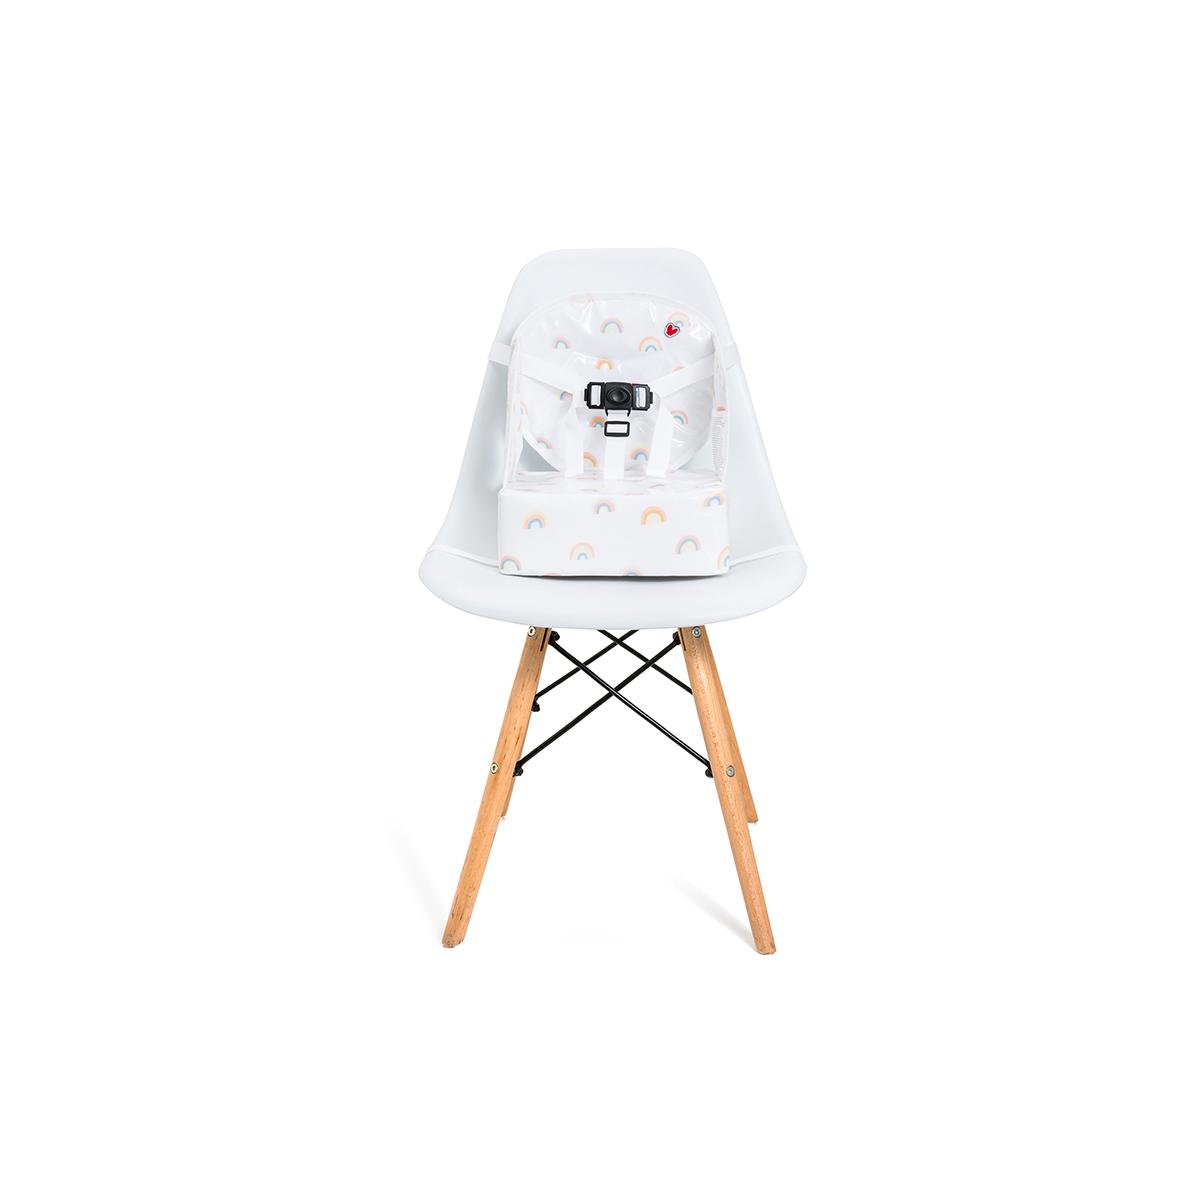 Rehausseur de chaise Easy Up MULTICOLORE BabyToLove